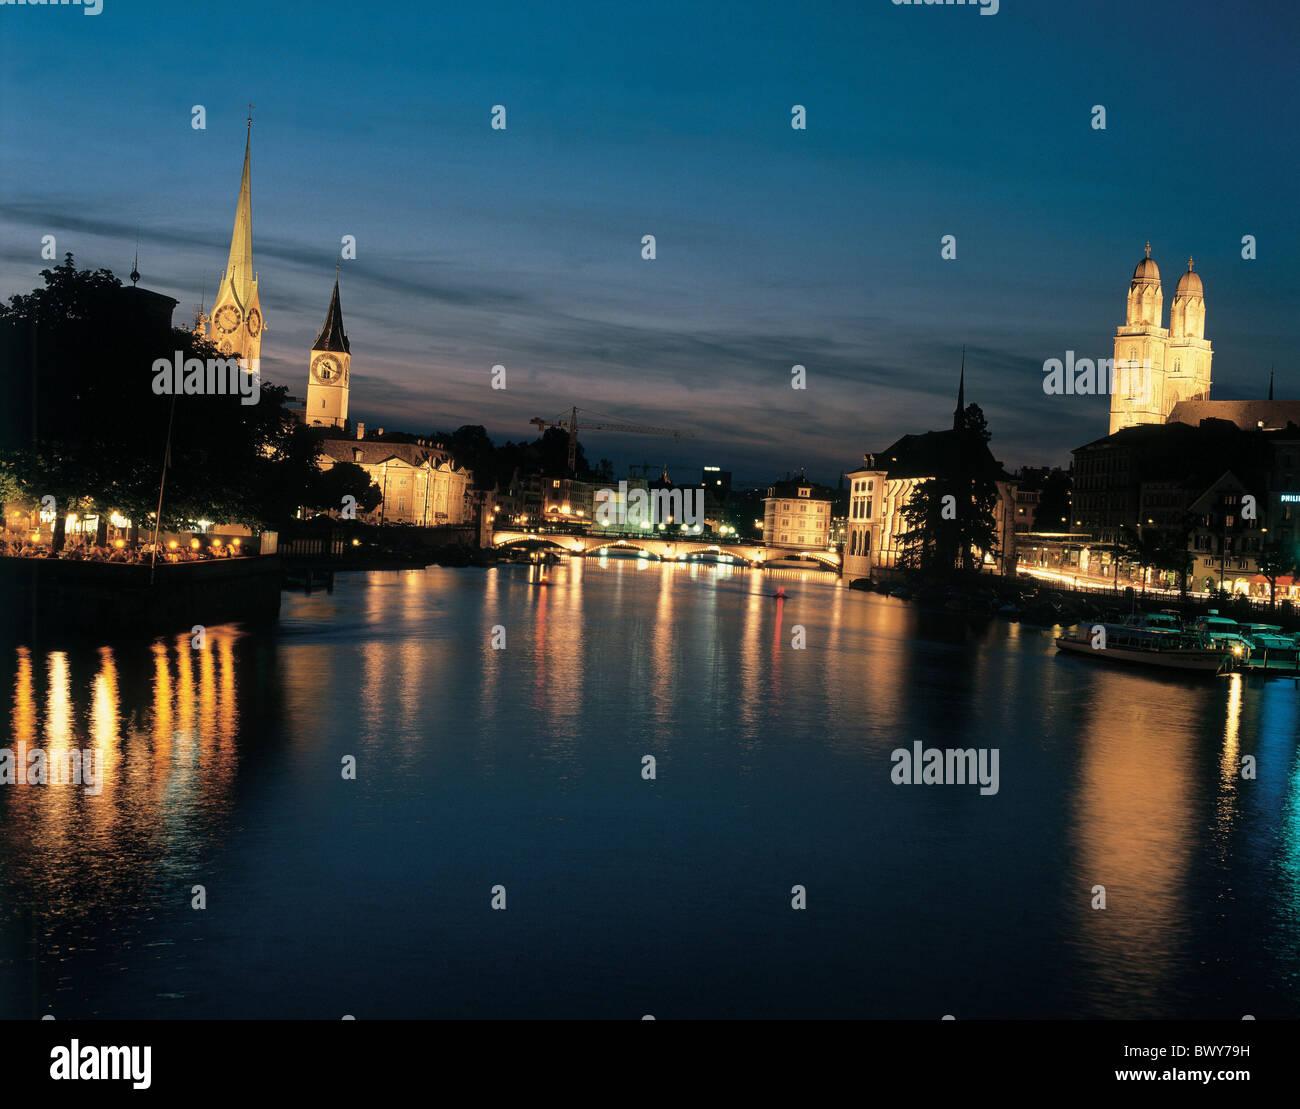 bei Nacht Bauschanzli Boote Kirchen City Fraumünster Grossmünster Minster Kirche Kathedrale Limmat Munster Stockbild